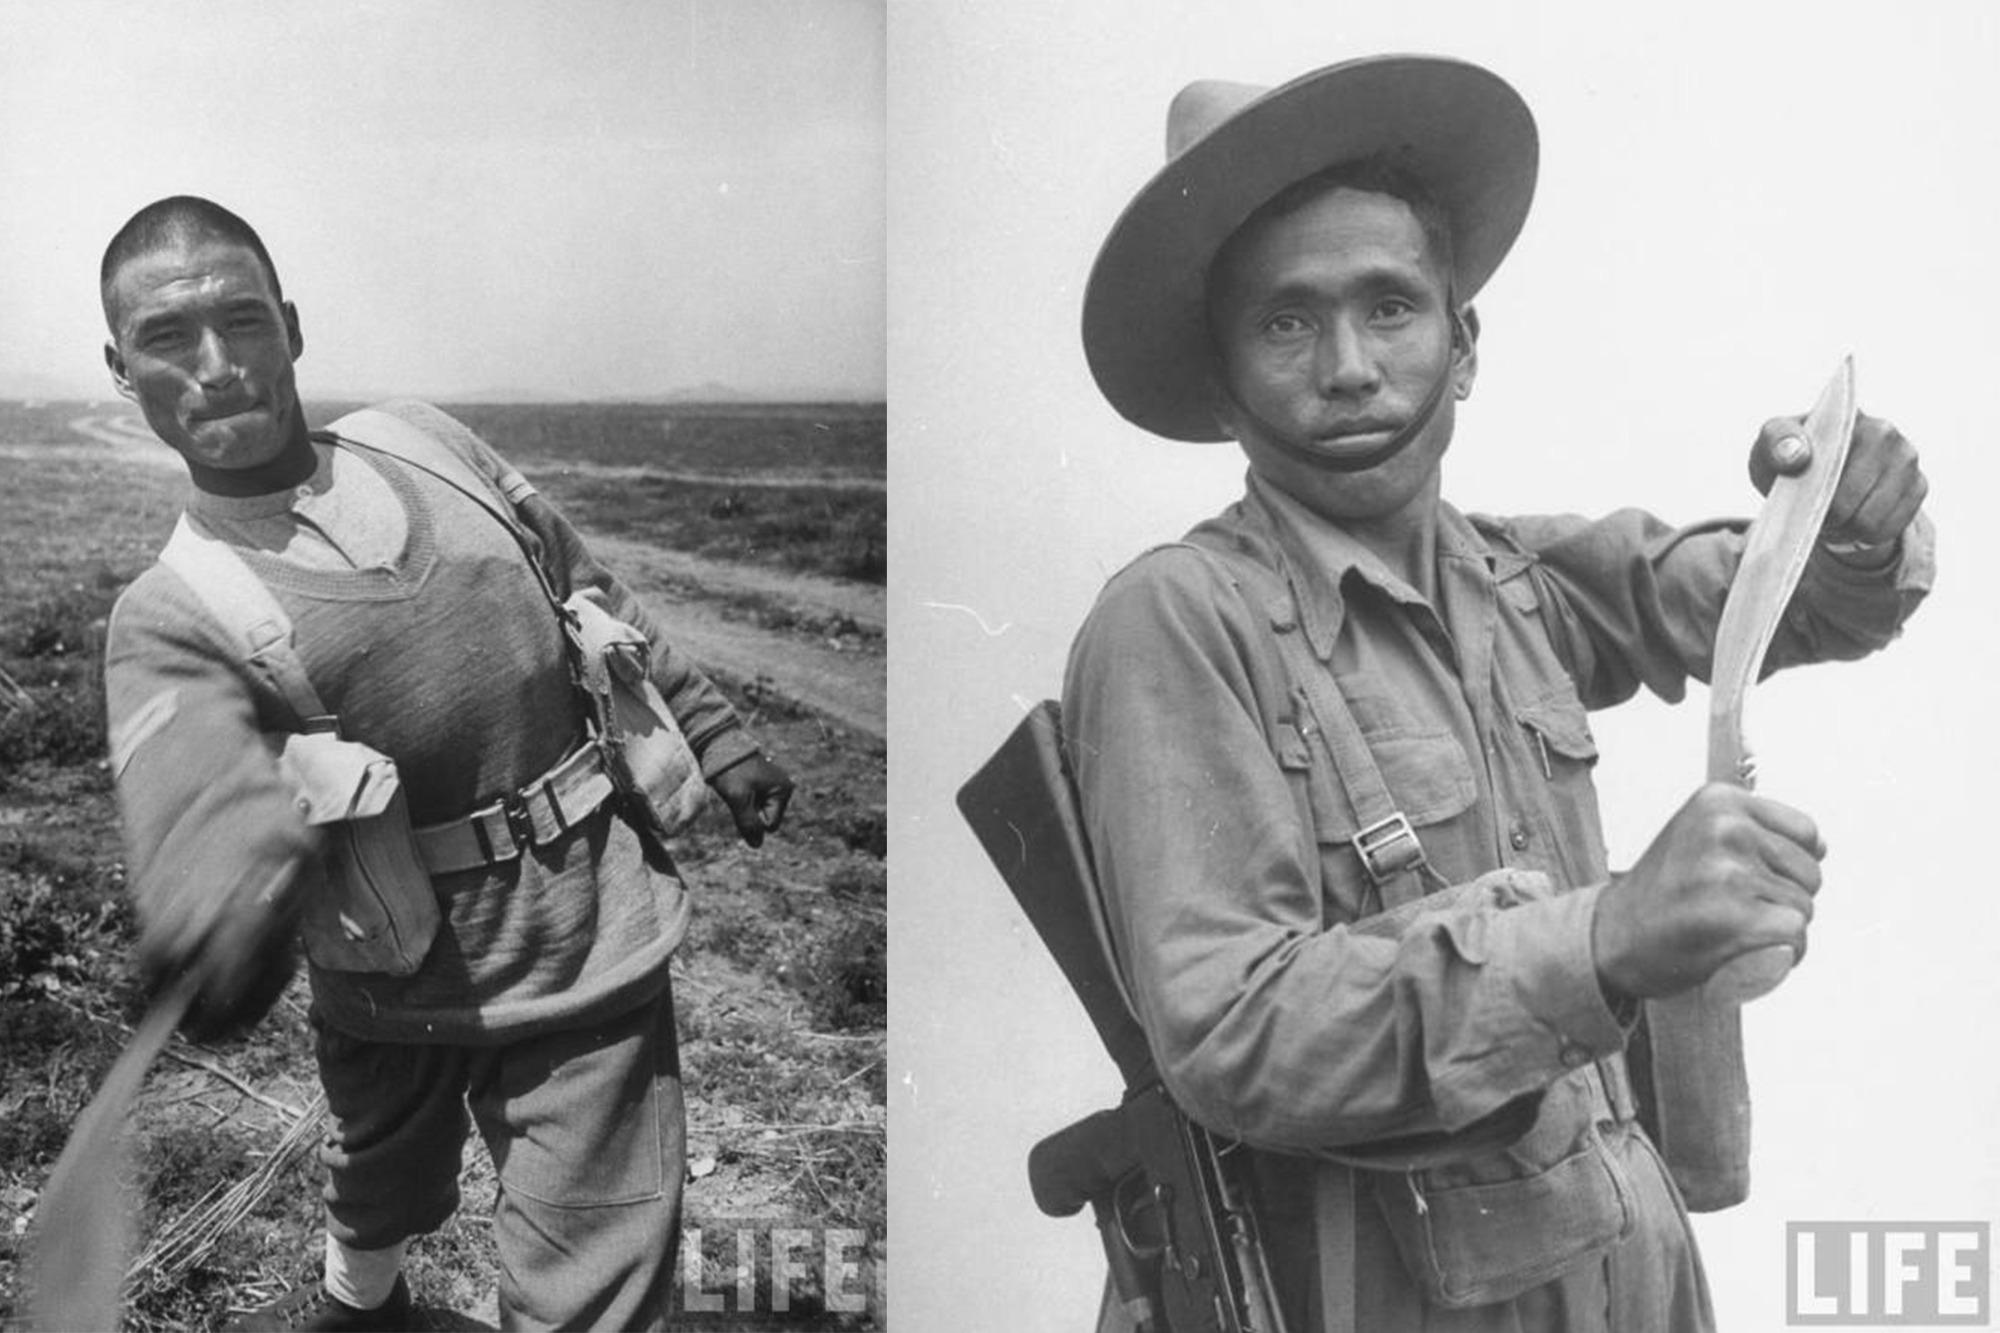 Soldats Gurkha 1950s